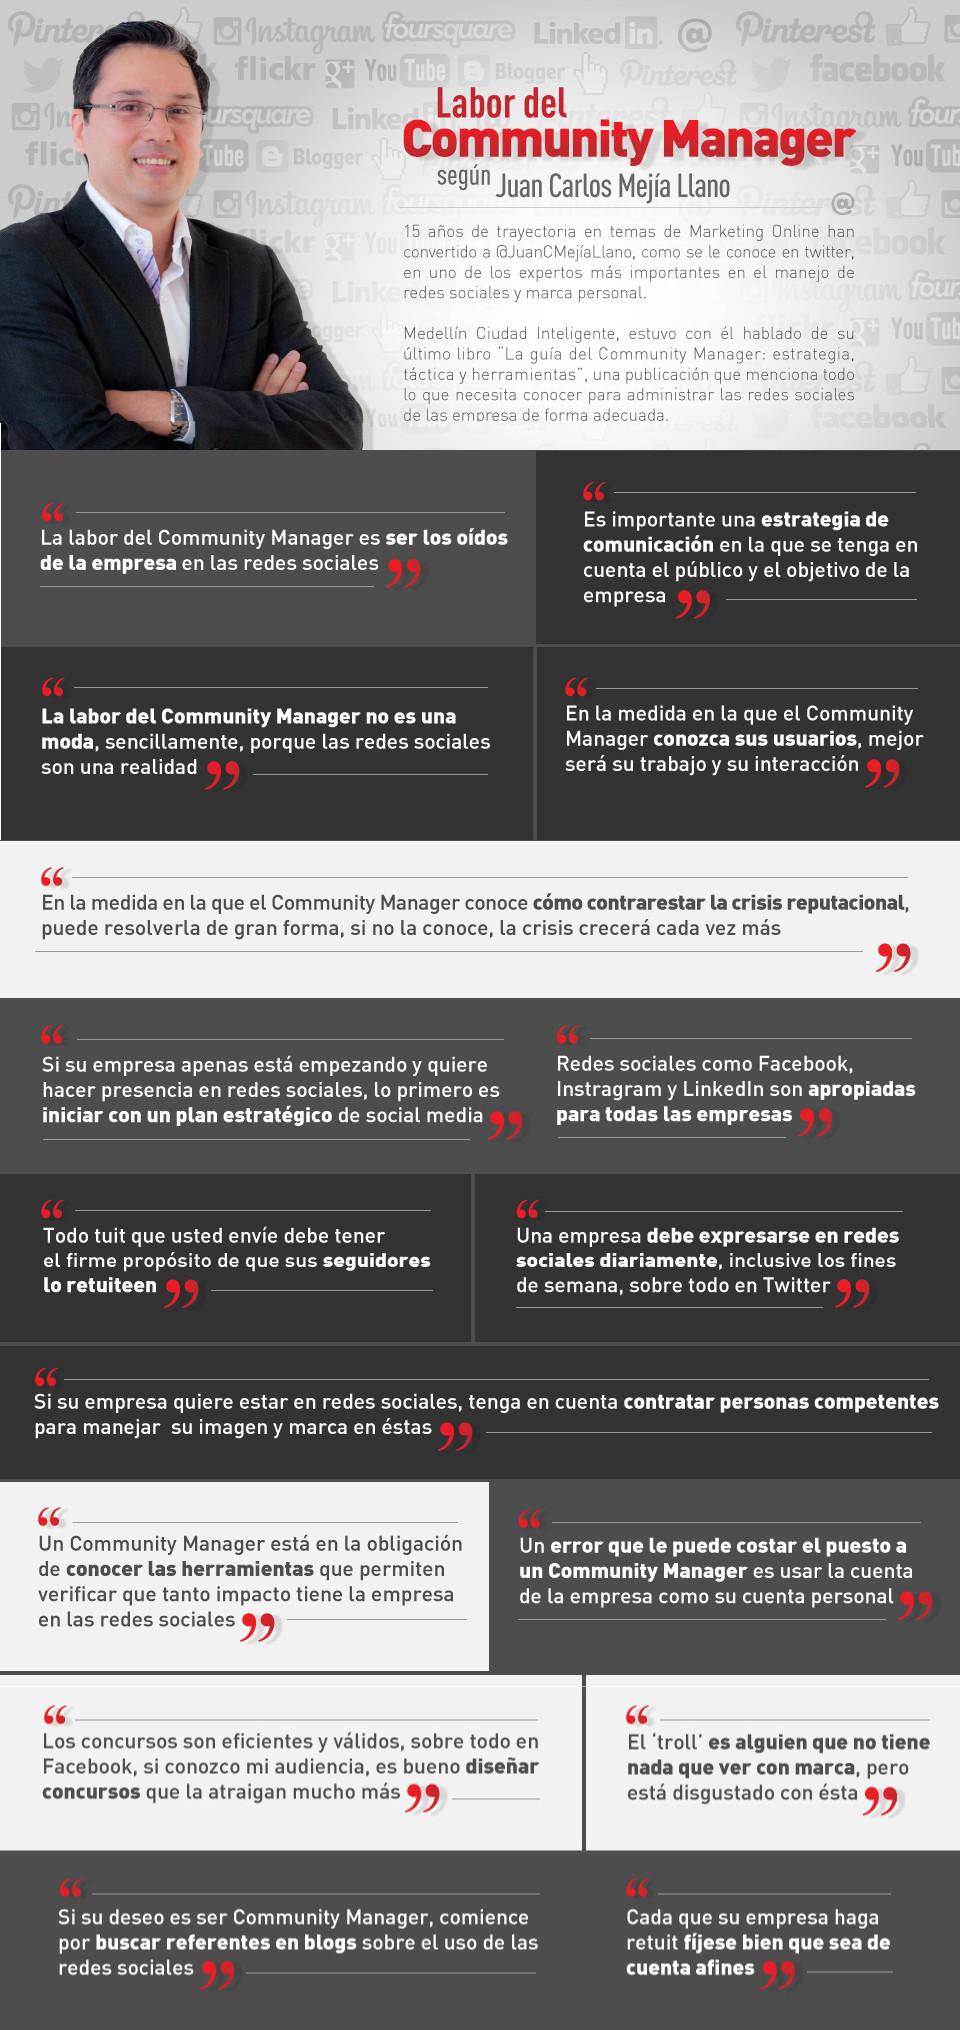 Juan Carlos Mejía Llano - Infografía sobre la labor del Community Manager